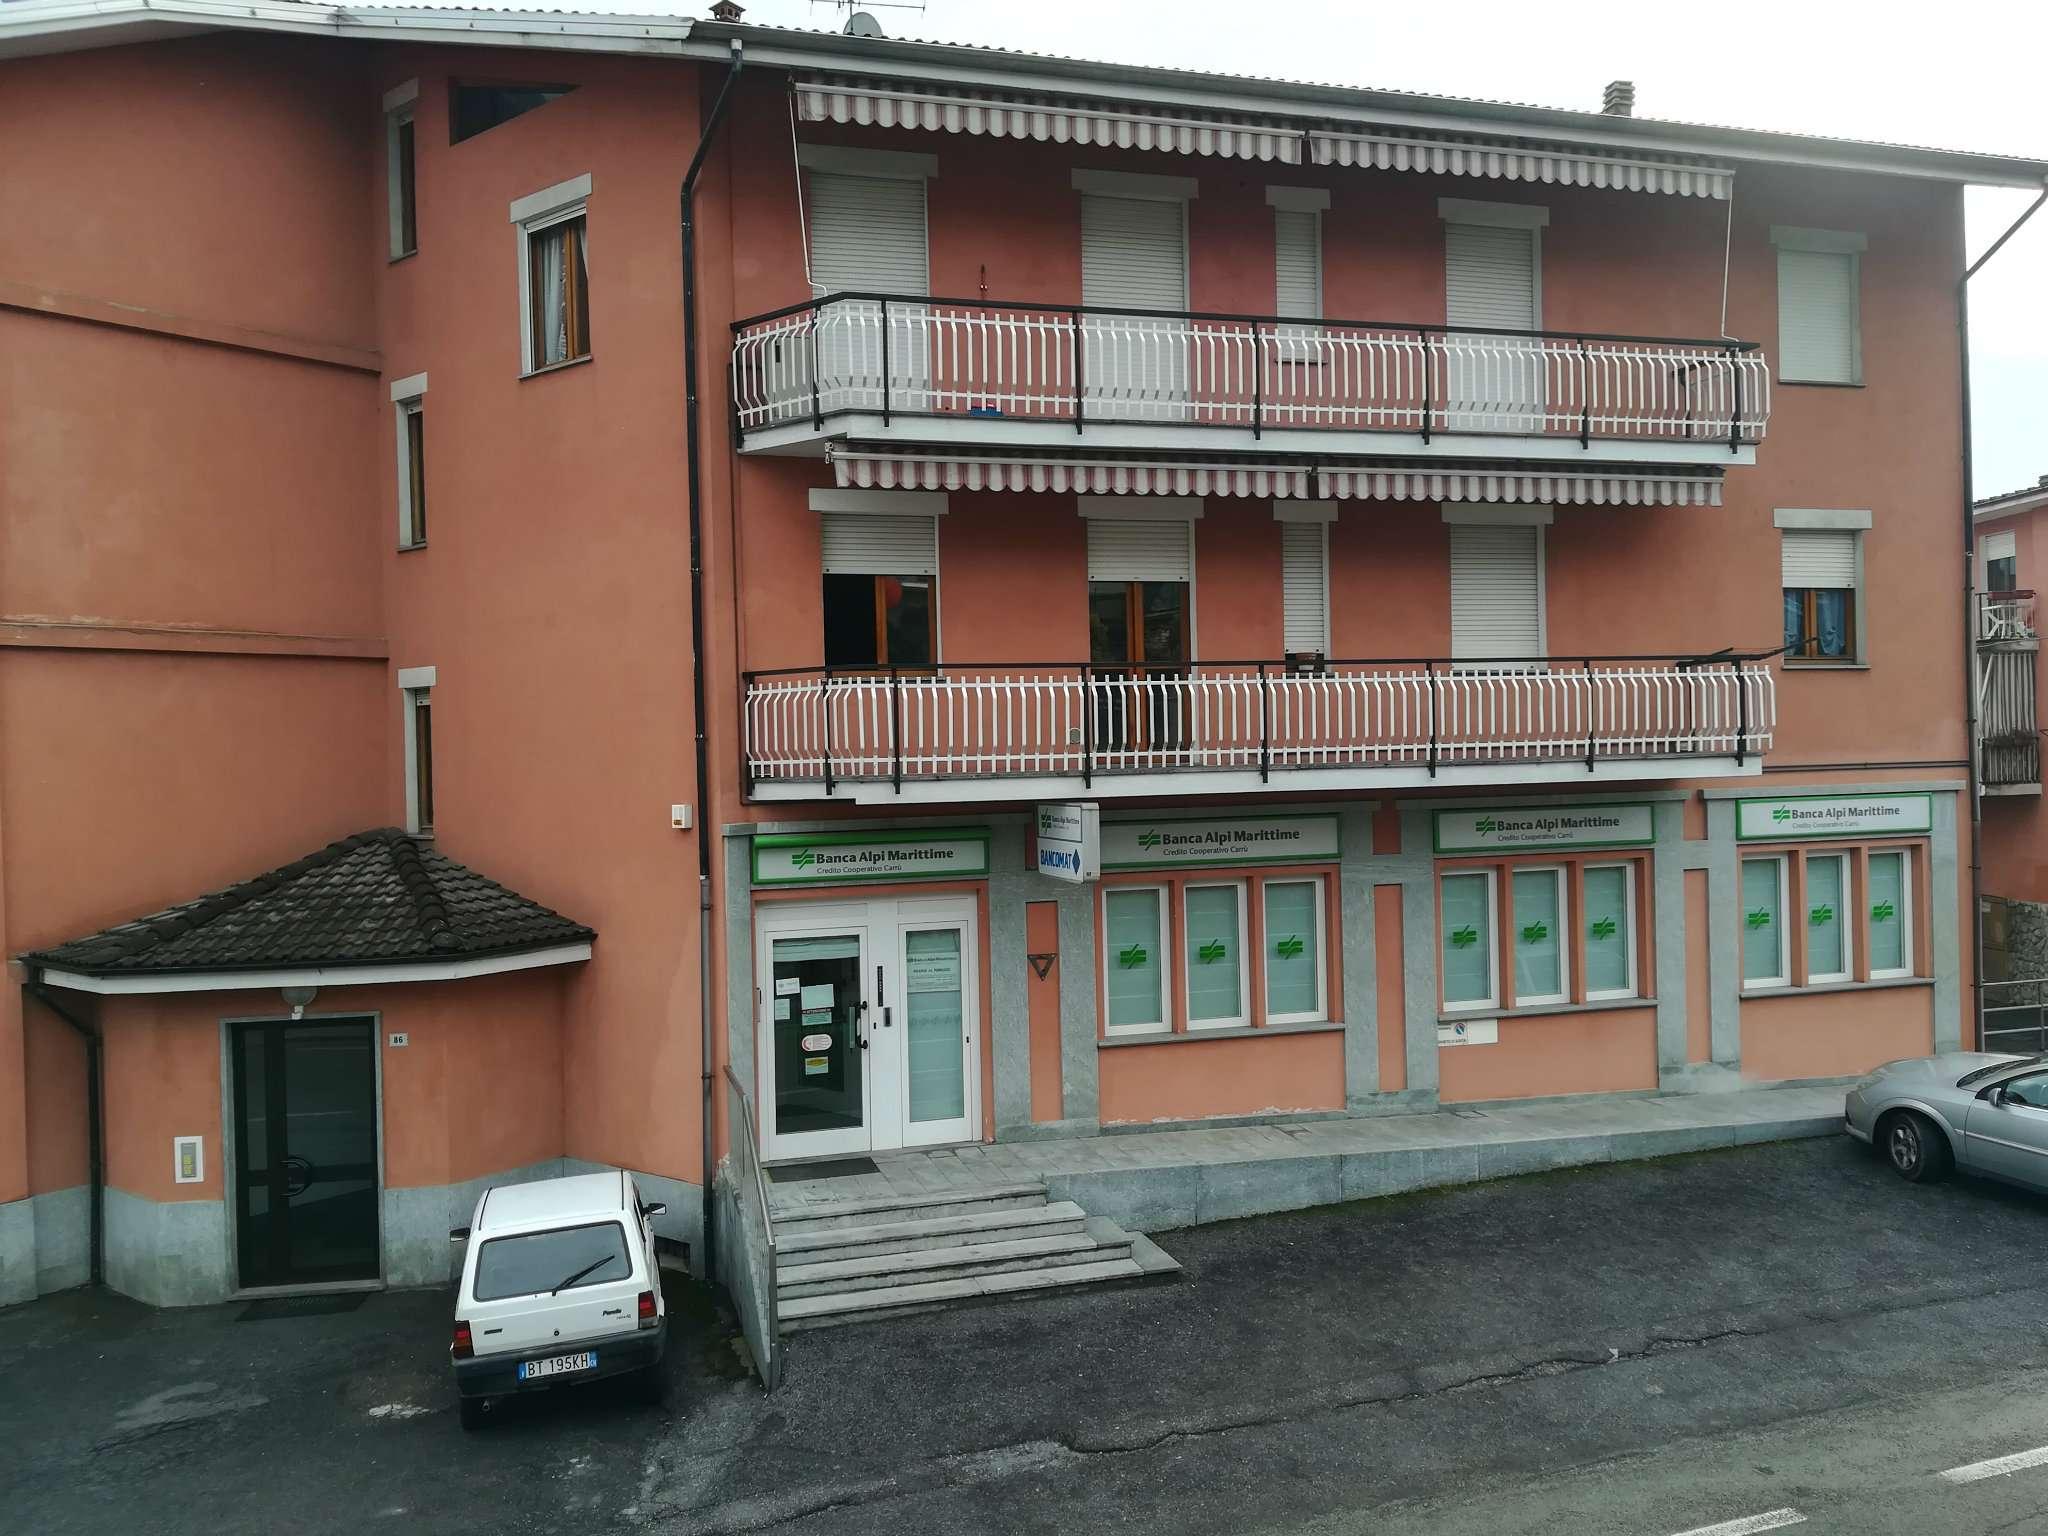 Appartamento in vendita a San Michele Mondovì, 3 locali, prezzo € 48.000 | CambioCasa.it